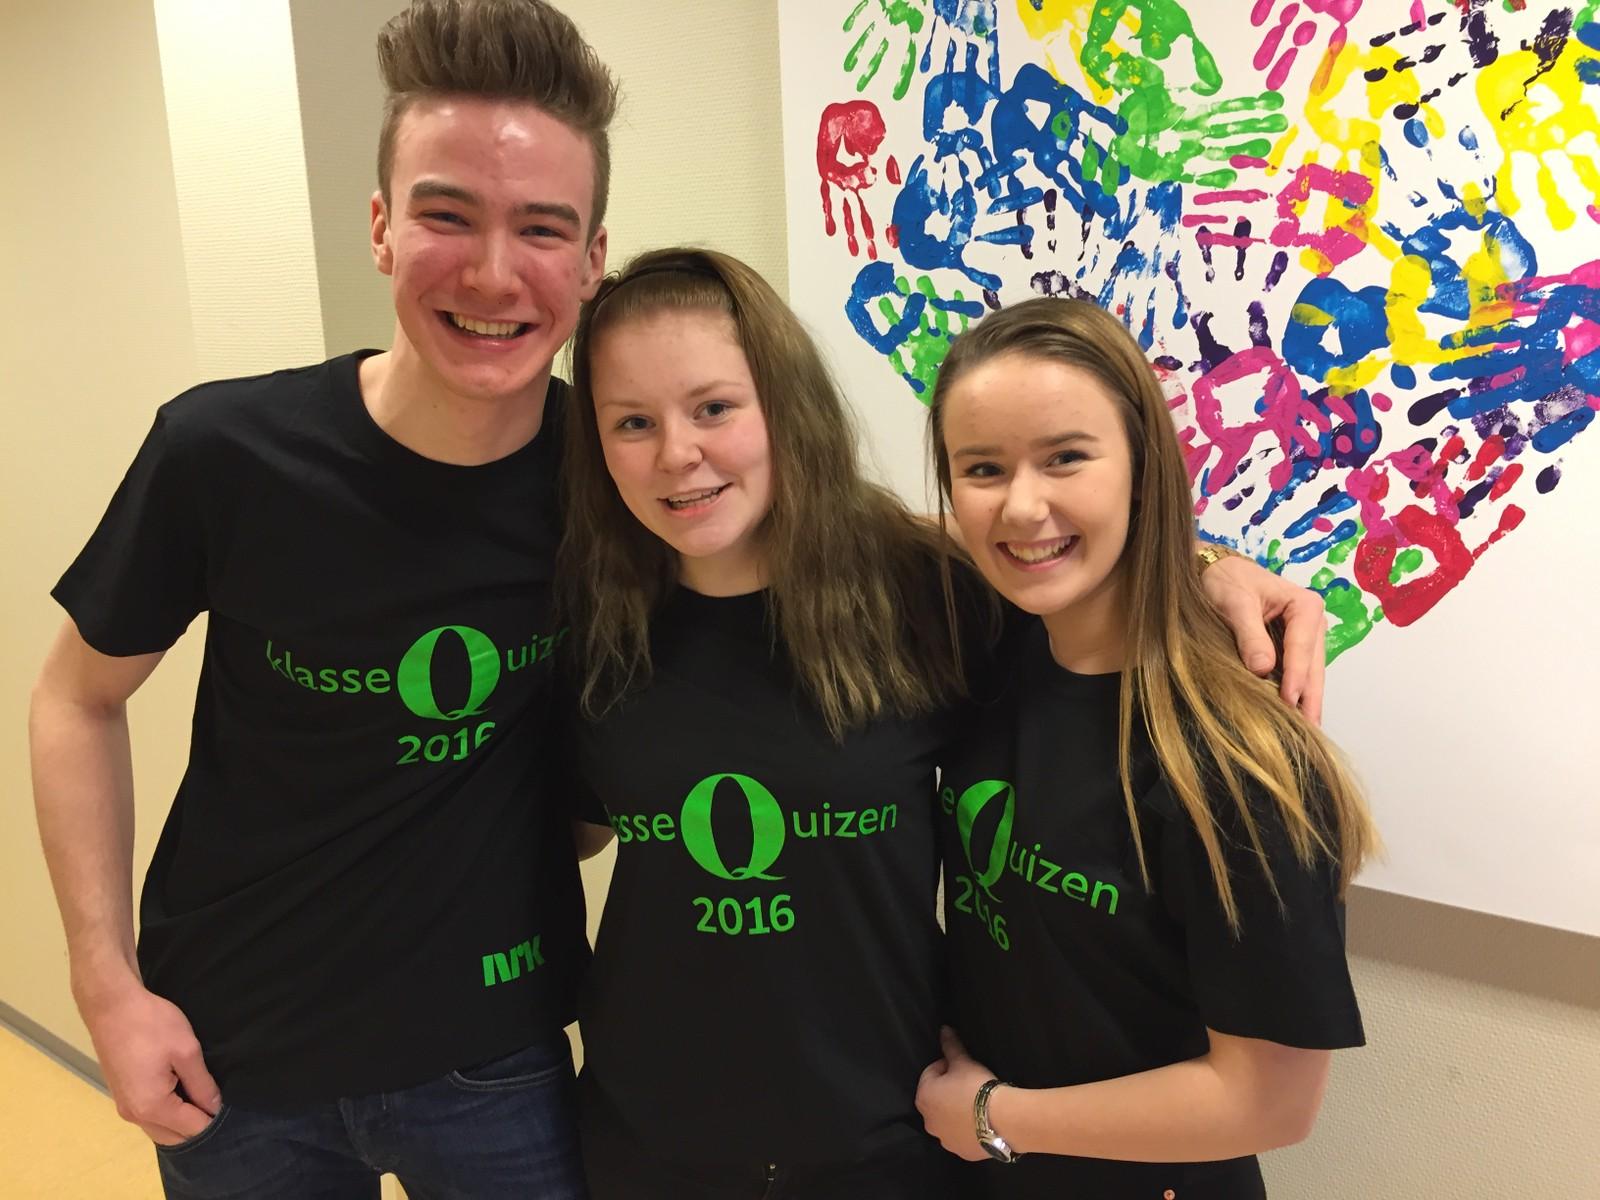 Ludvig Elnan Jacobsen, Tina Anita S. Hårstadstrand og Matilde Hanssen fra Lauvsnes skole i Flatanger fikk 9 poeng.